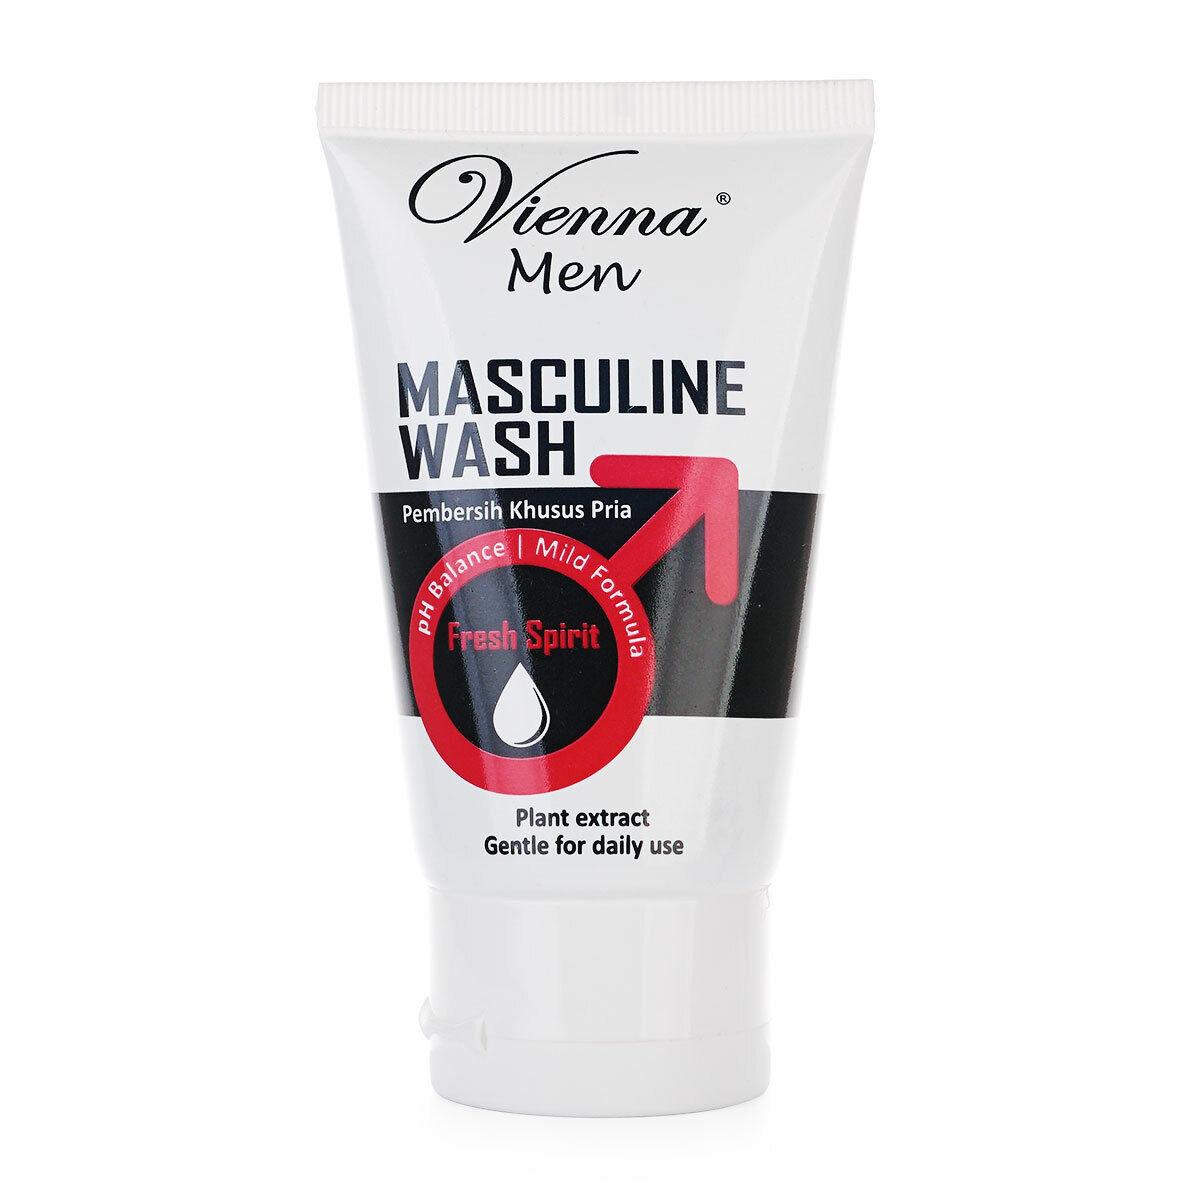 care dintre produse crește erecția spray pentru a prelungi erecția pentru bărbați